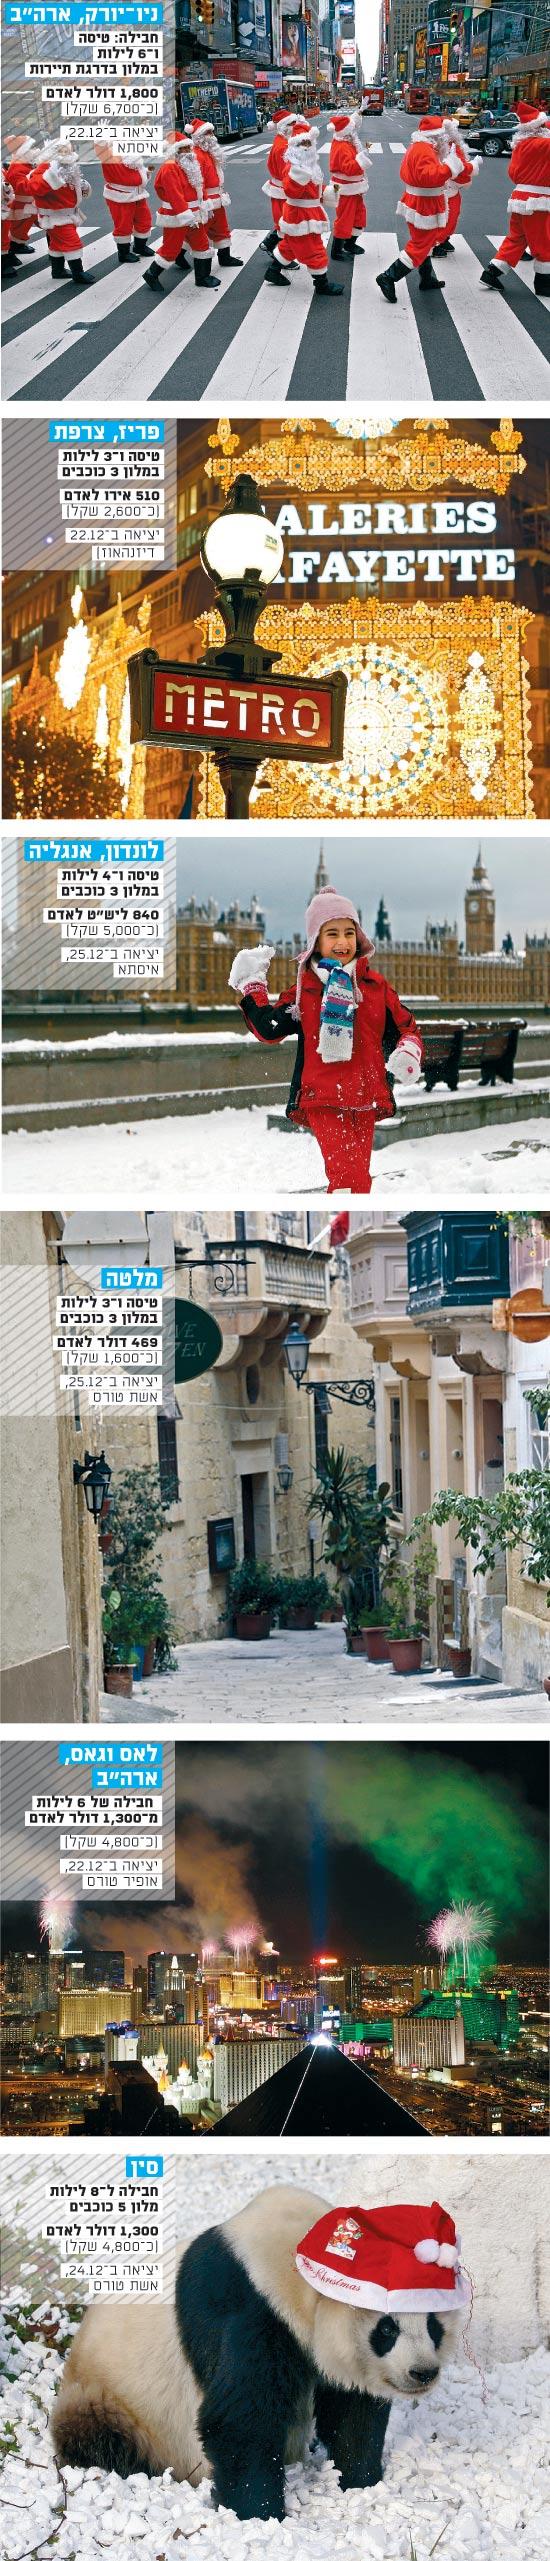 כשסנטה יצא לשופינג / צלם: רויטרס